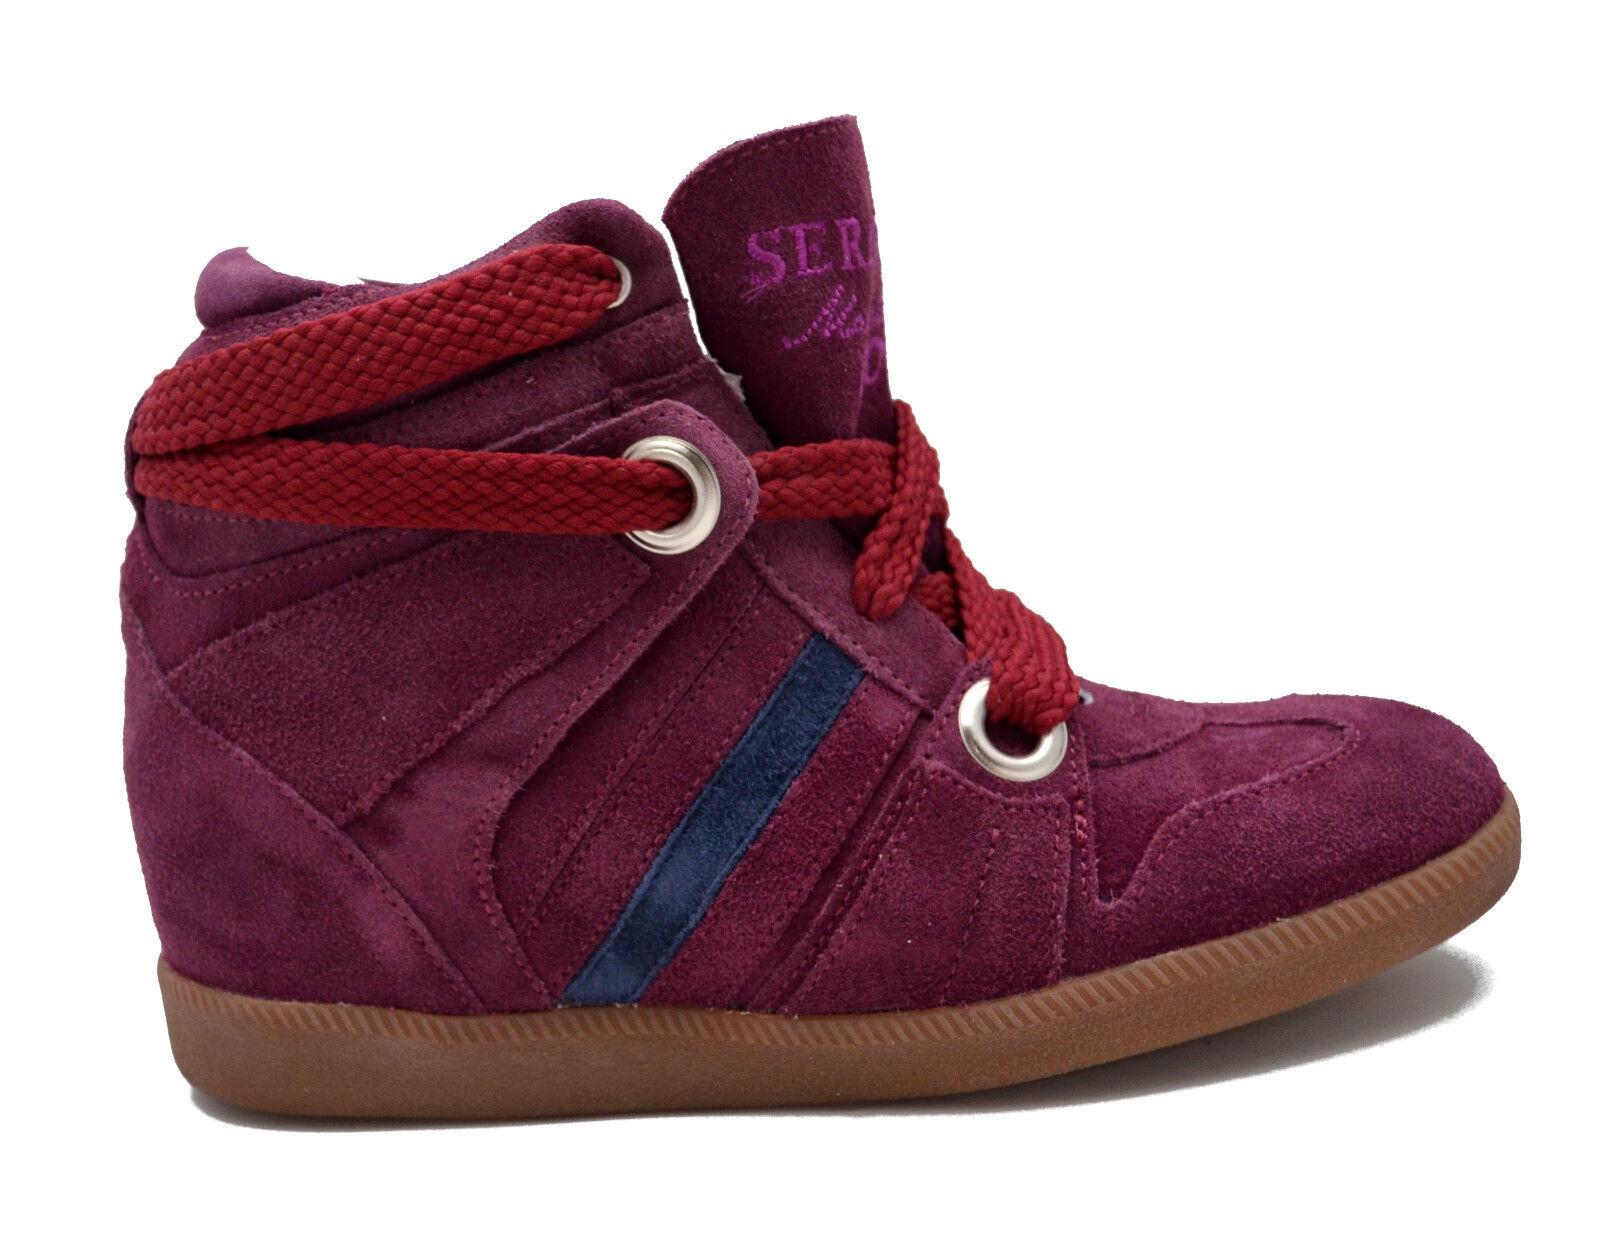 Scarpe Pelle Donna Bordeaux Zeppa Serafini Sneakers Women